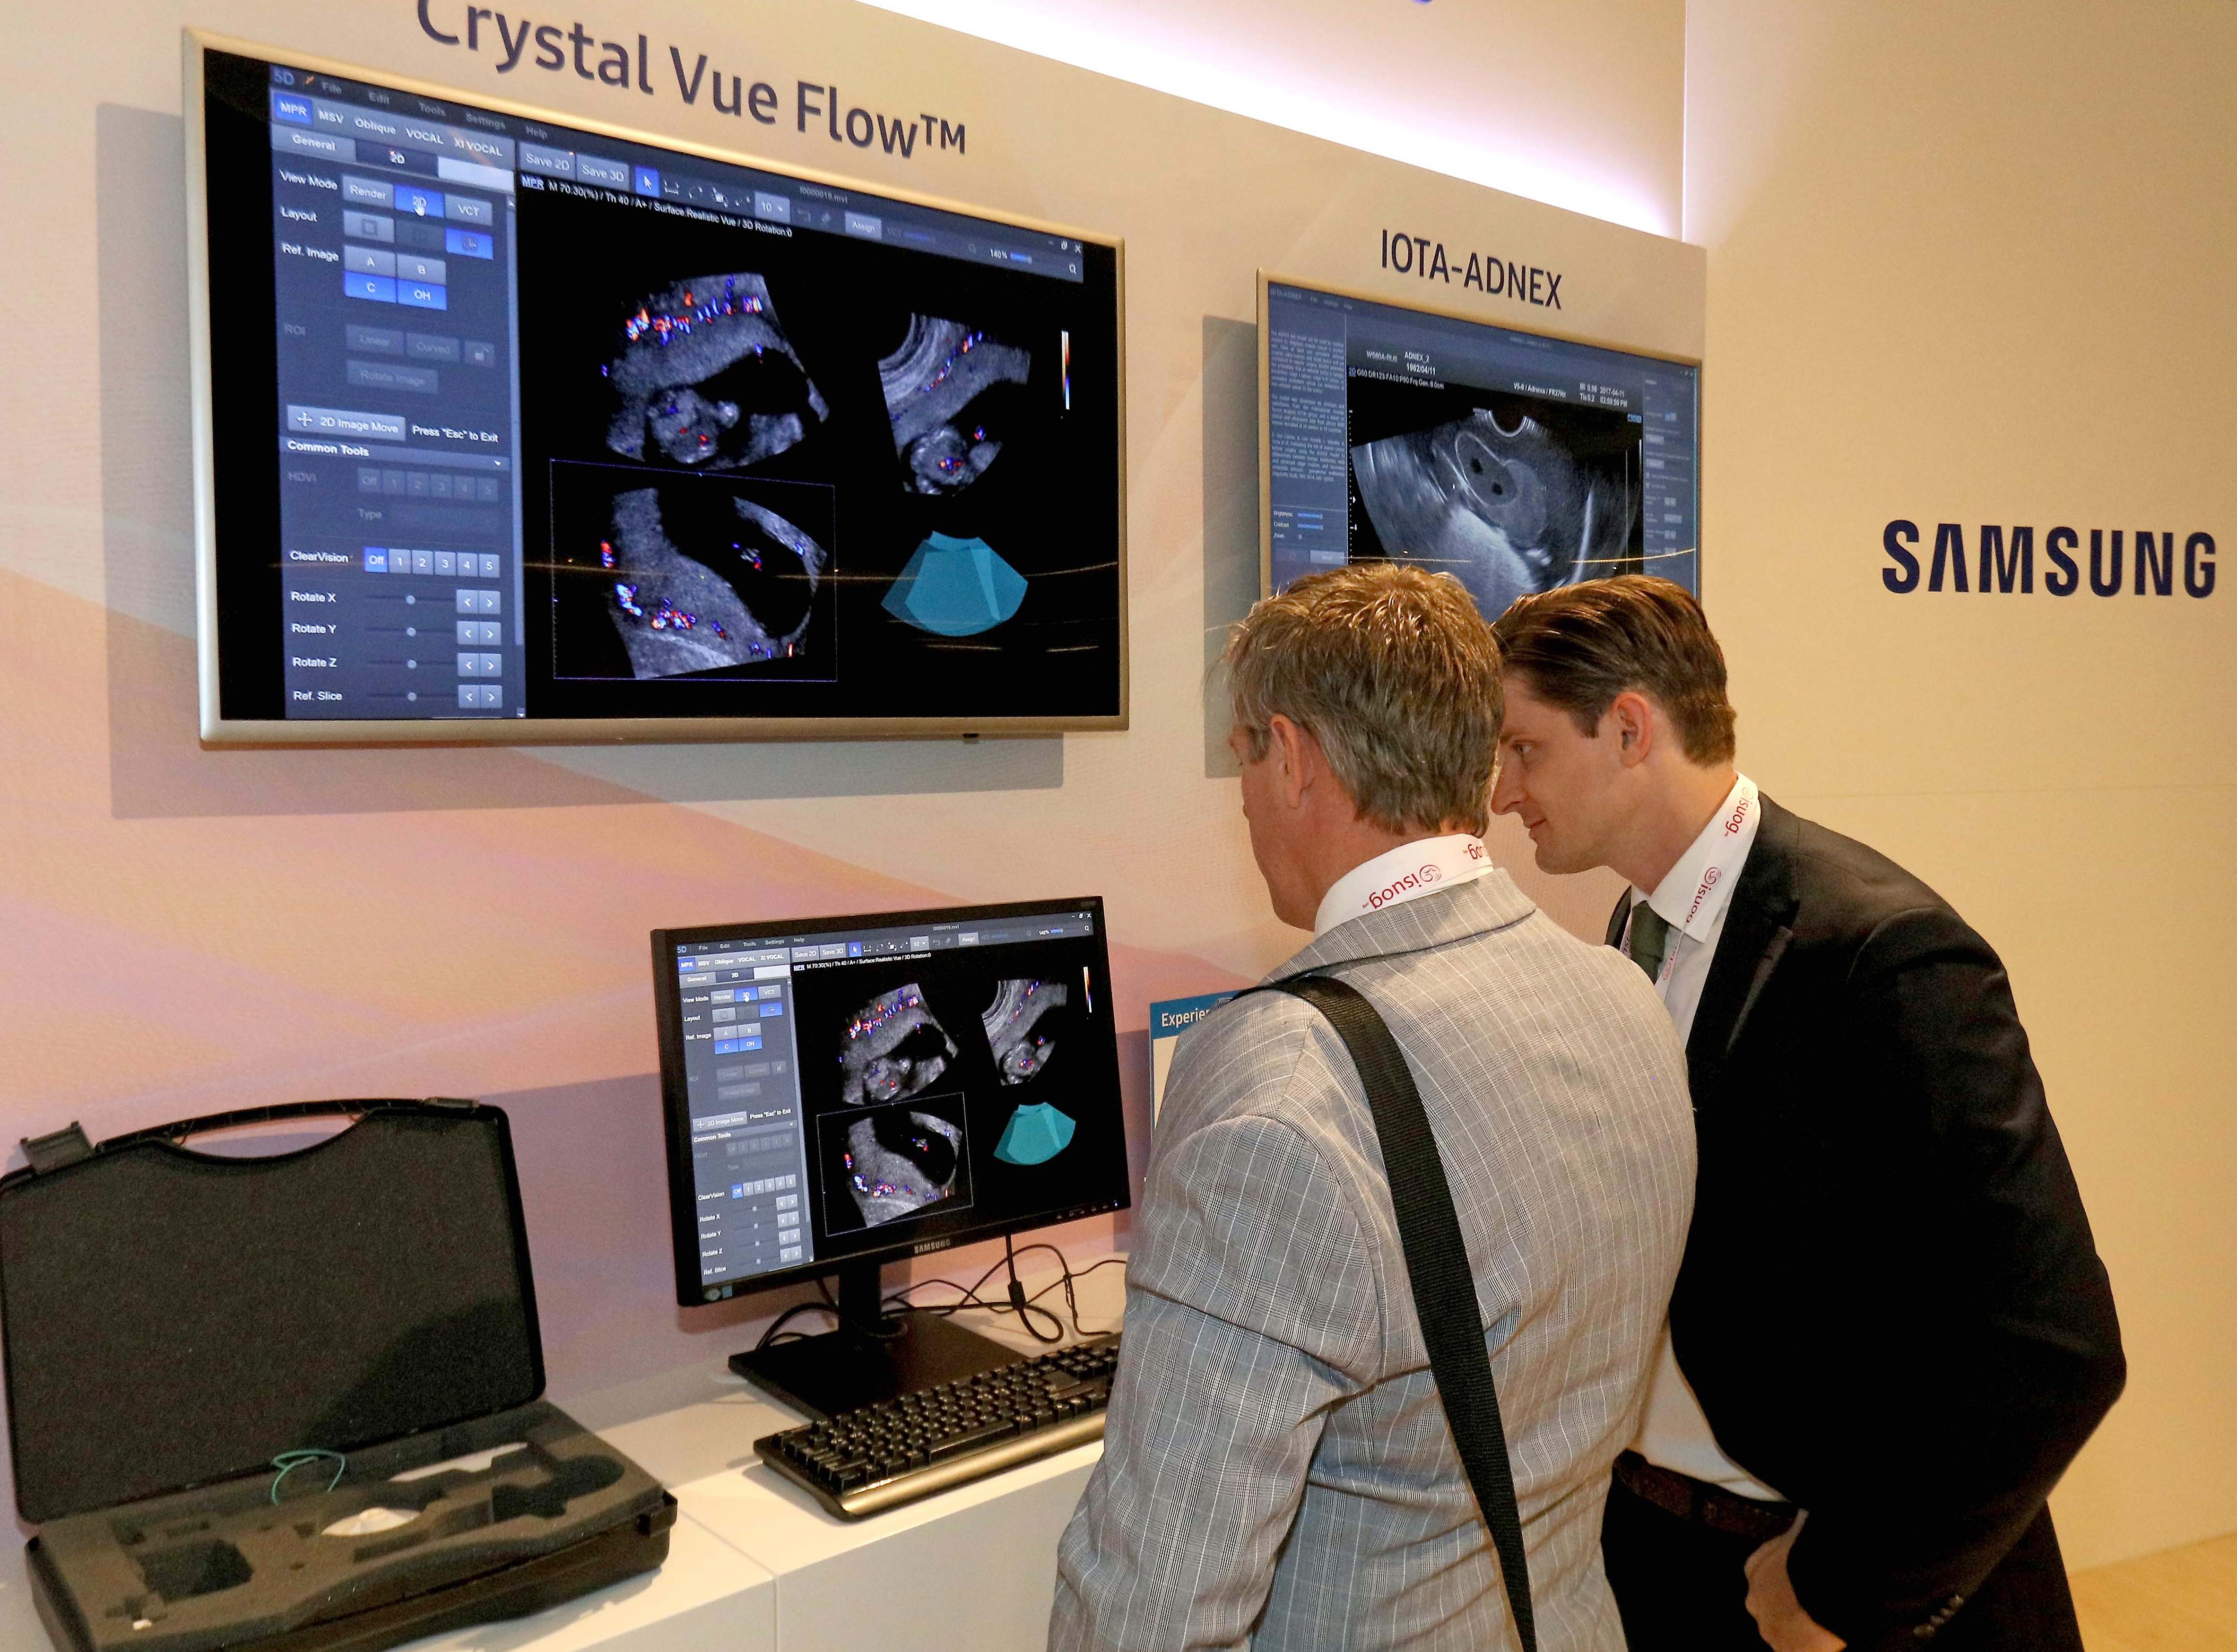 참관객들이 삼성 부스에서 인체 조직 내부를 마치 투시된 영상처럼 선명하게 표현해주는 Crystal Vue Flow™에 대해 살펴보고 있다